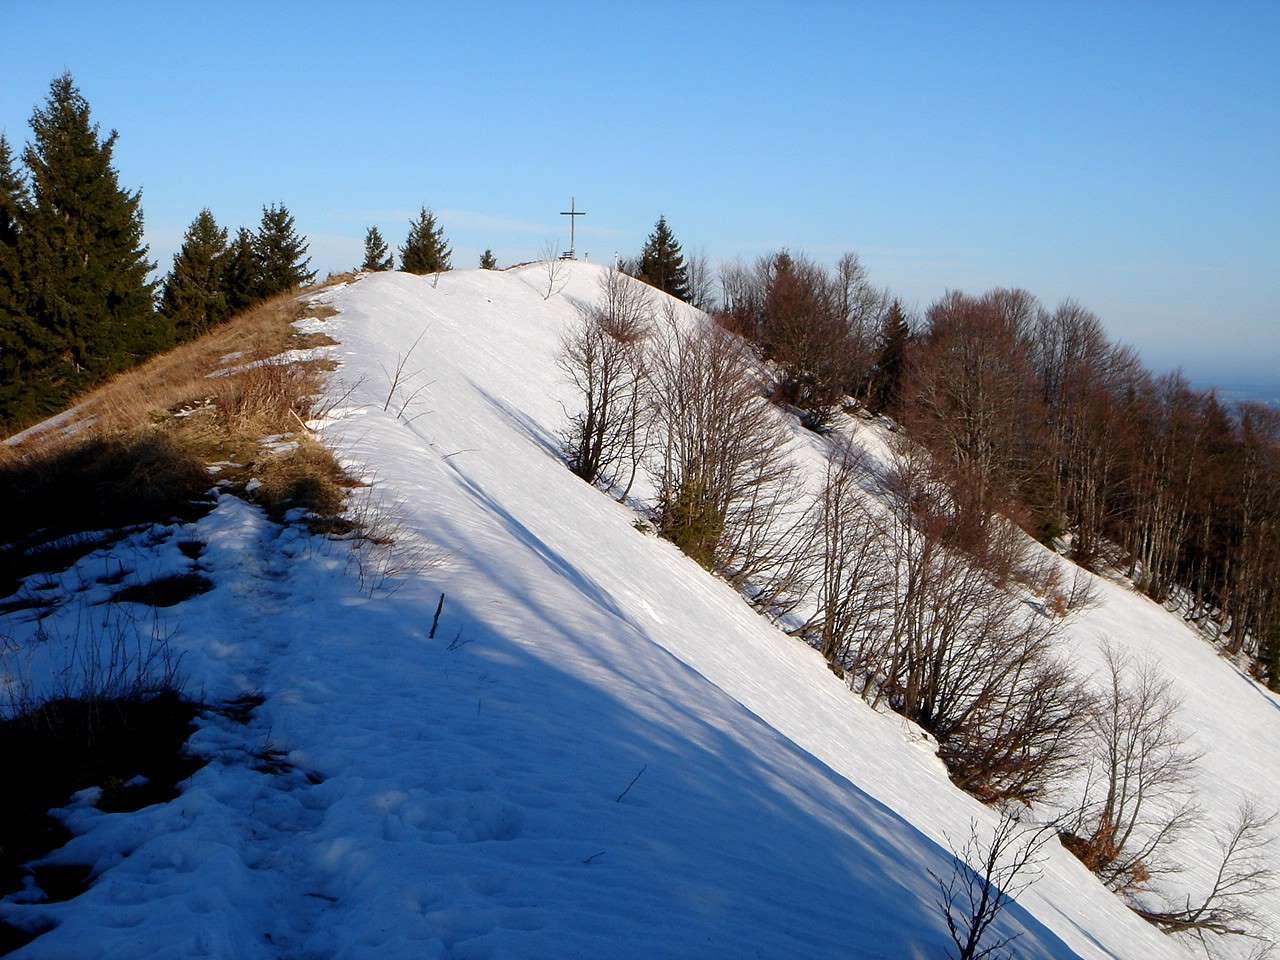 Foto: Manfred Karl / Wander Tour / Aus der Tiefbrunnau auf den Filbling / Gipfelgrat am Filbling / 25.04.2007 23:19:51